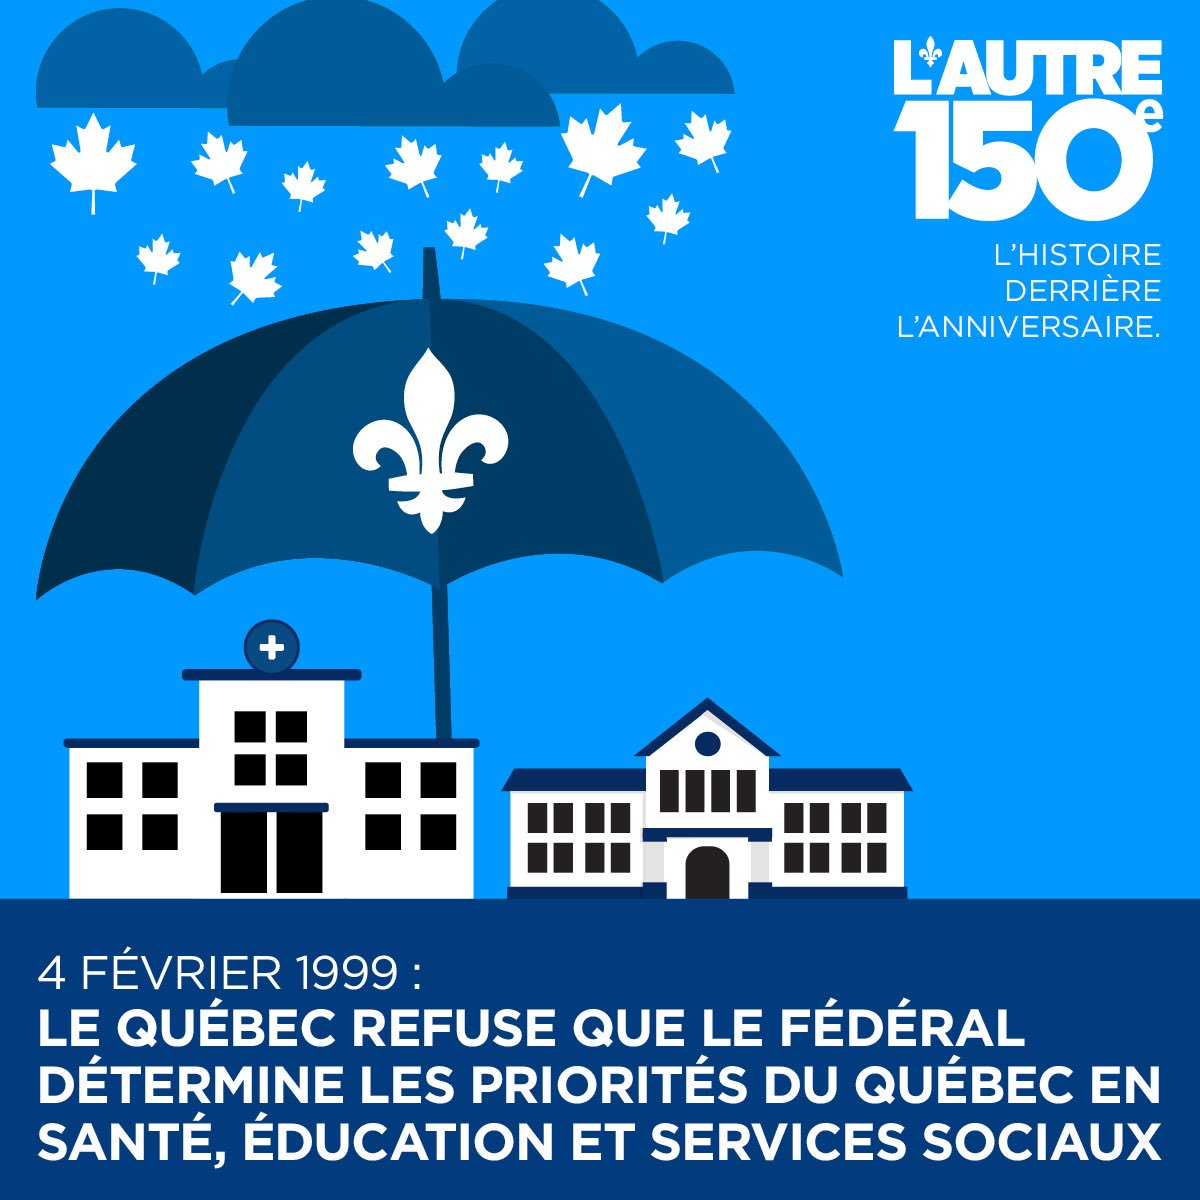 4 février 1999: Le Québec refuse de confirmer le pouvoir fédéral de dépenser  https://www. facebook.com/autre150e/post s/1271160849617690:0 &nbsp; …  #Canada150  #Autre150e #PolQc #PolCan<br>http://pic.twitter.com/xmLwCE1eS4